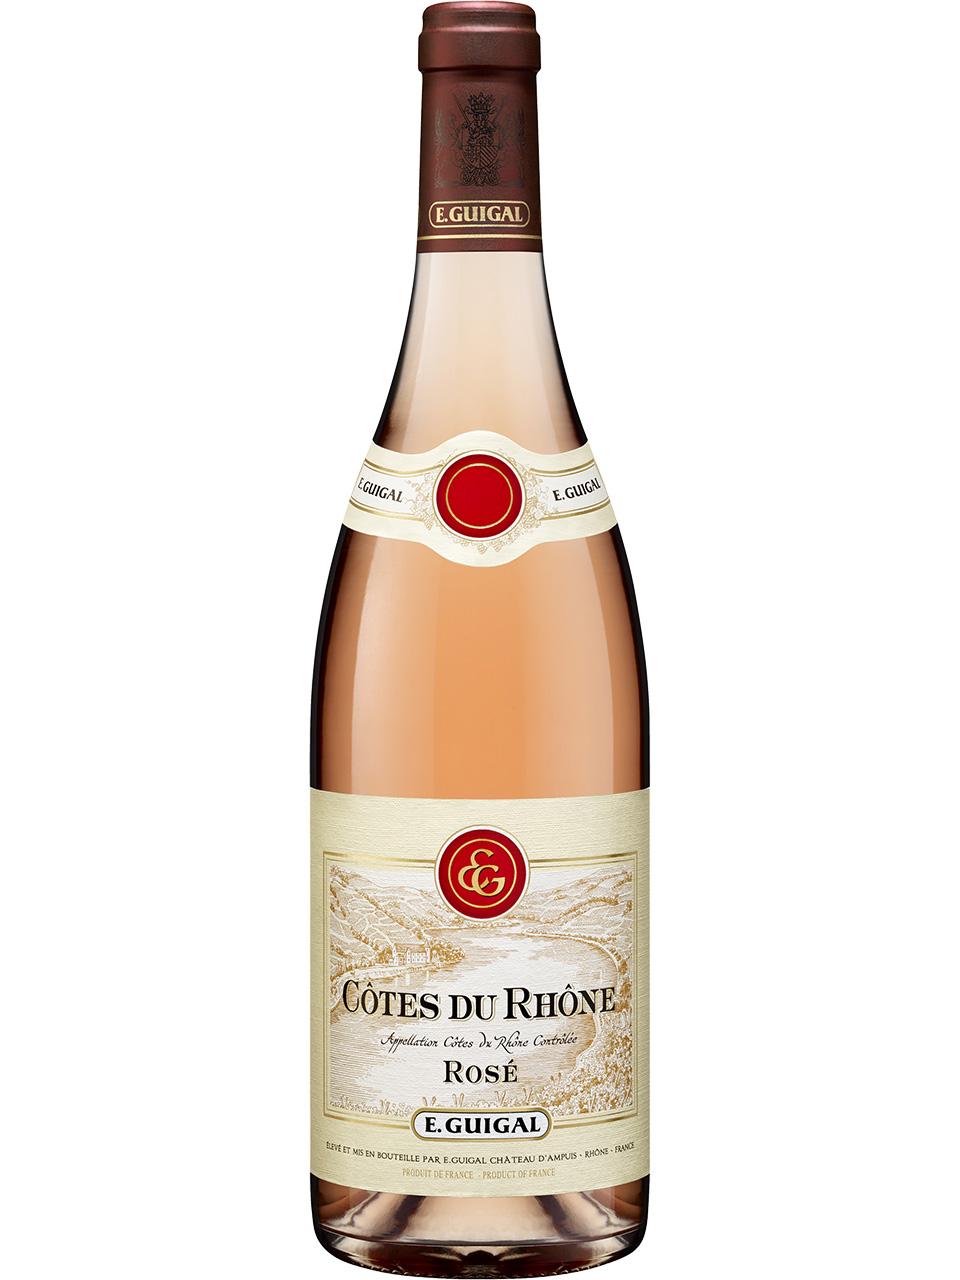 E. Guigal Cotes Du Rhone Rose